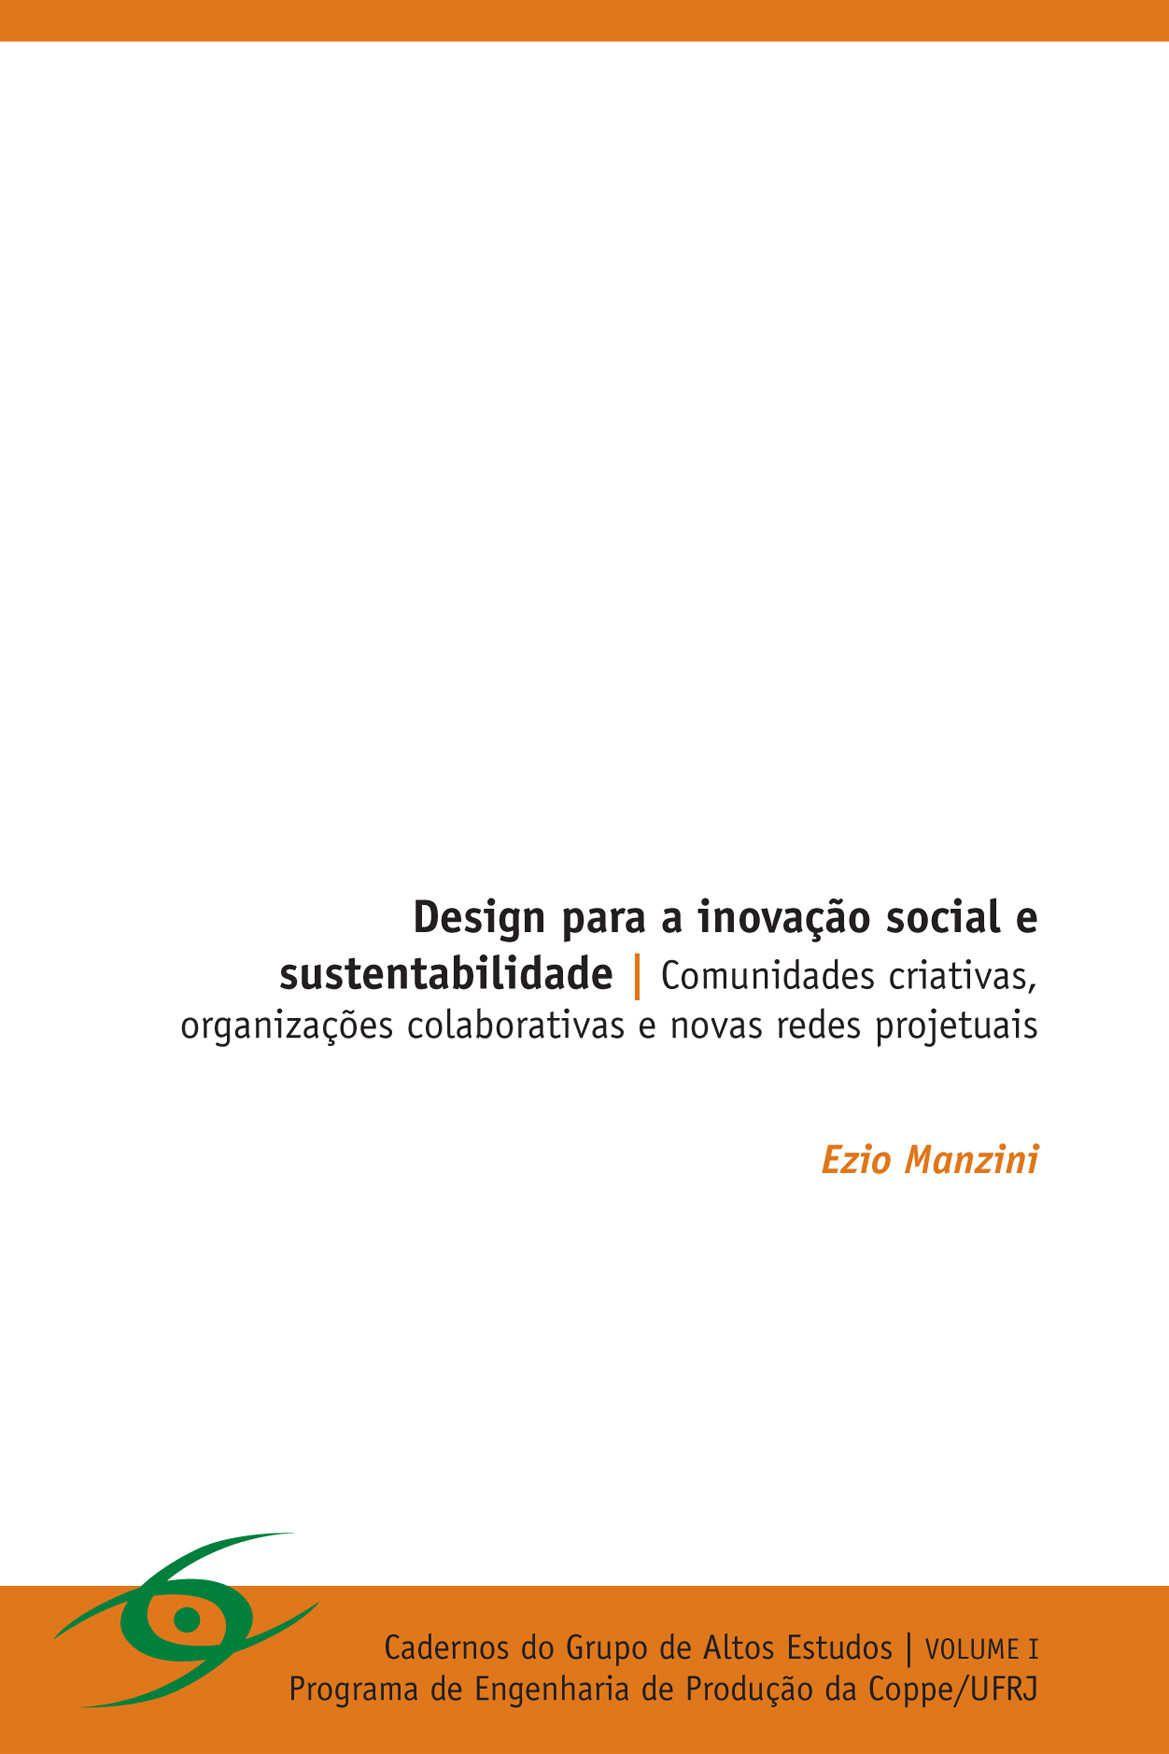 Design para a inovação social e sustentabilidade (LIVRO):Comunid.criativas,organ.colab.e novas redes projetuais